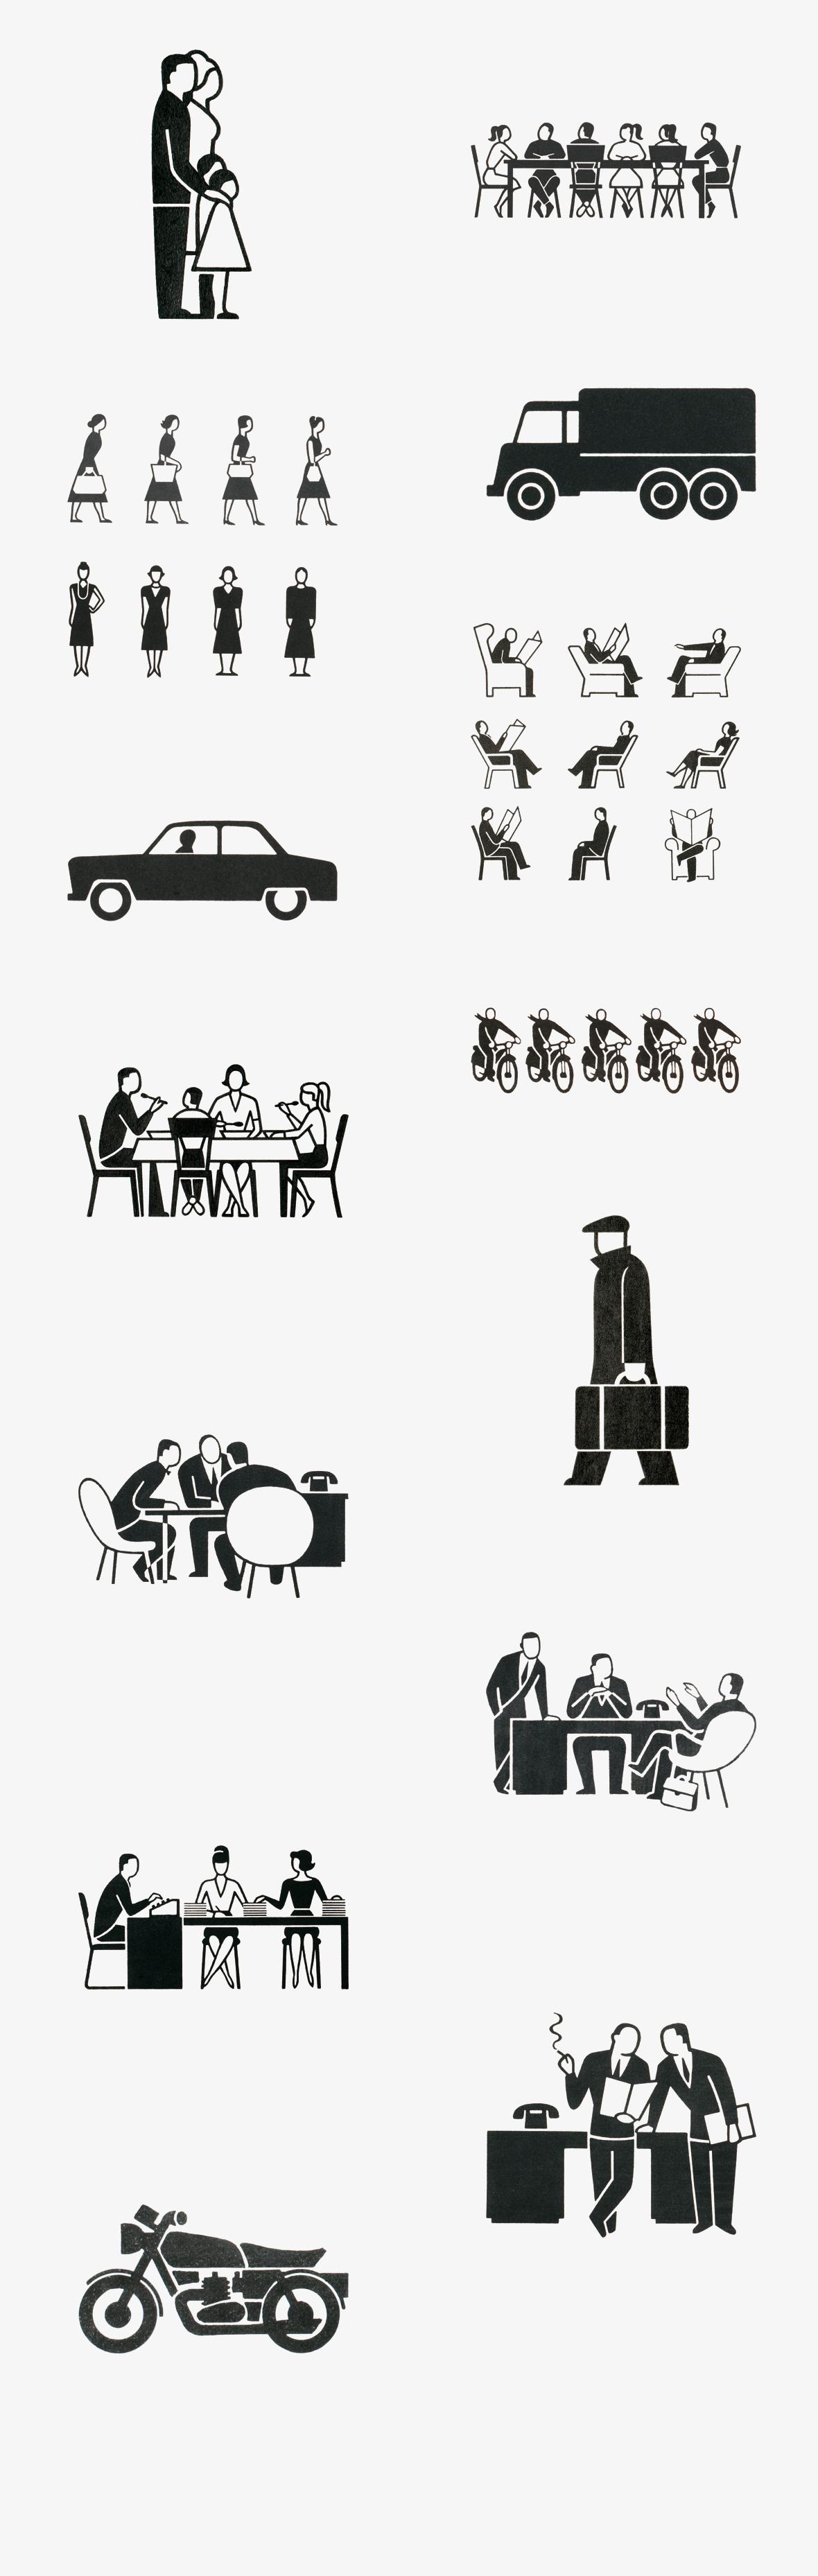 Gerd-Arntz-Collage